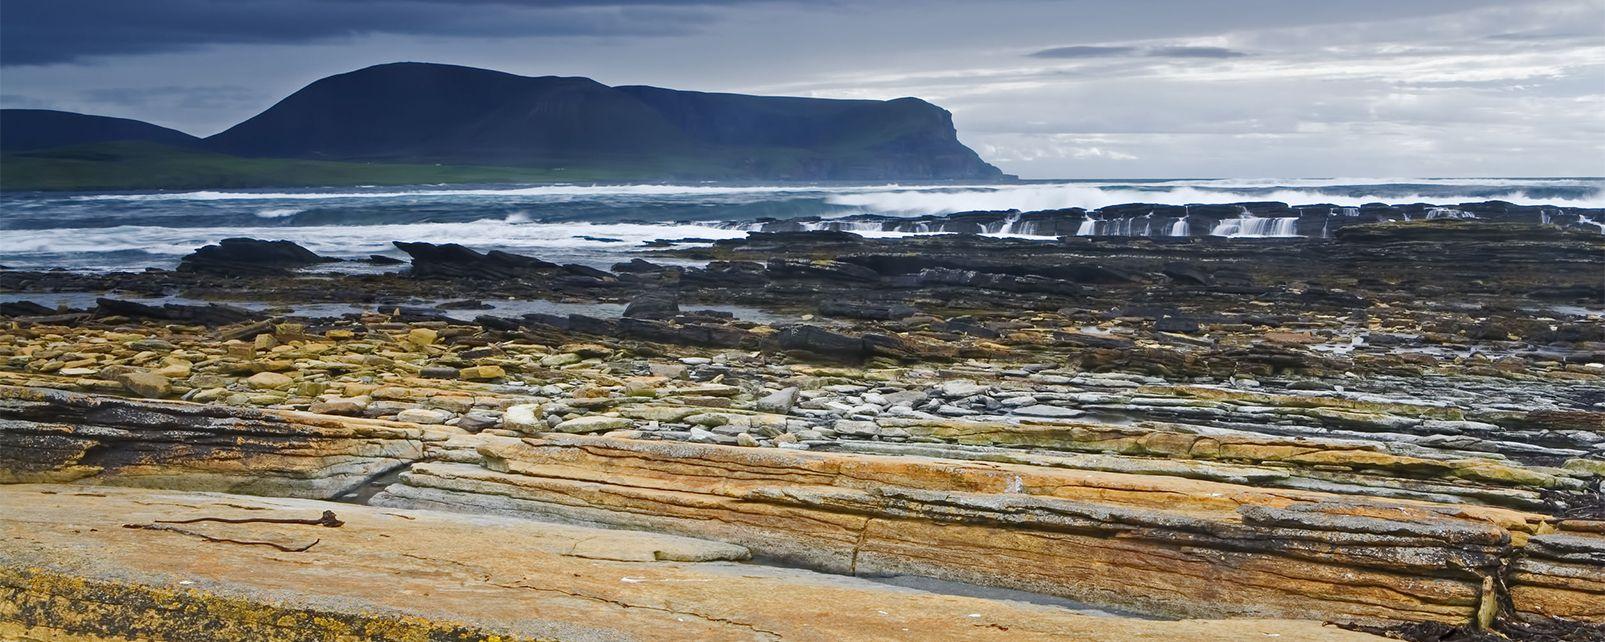 Les Orcades et les Shetlands , Îles Orcades et Shetland, Écosse , Royaume-Uni